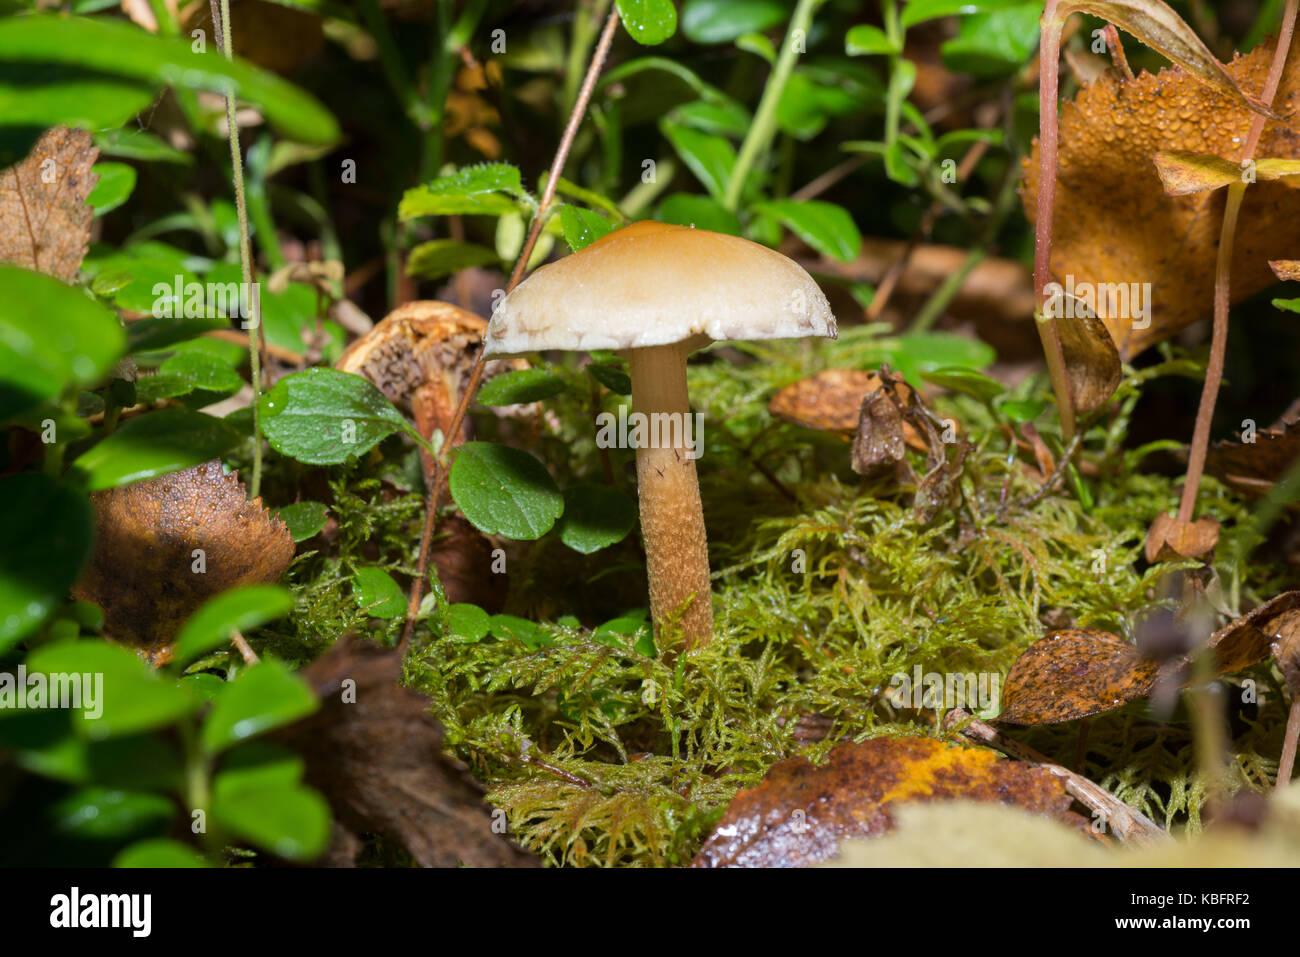 slice mushrooms, groat had - Stock Image